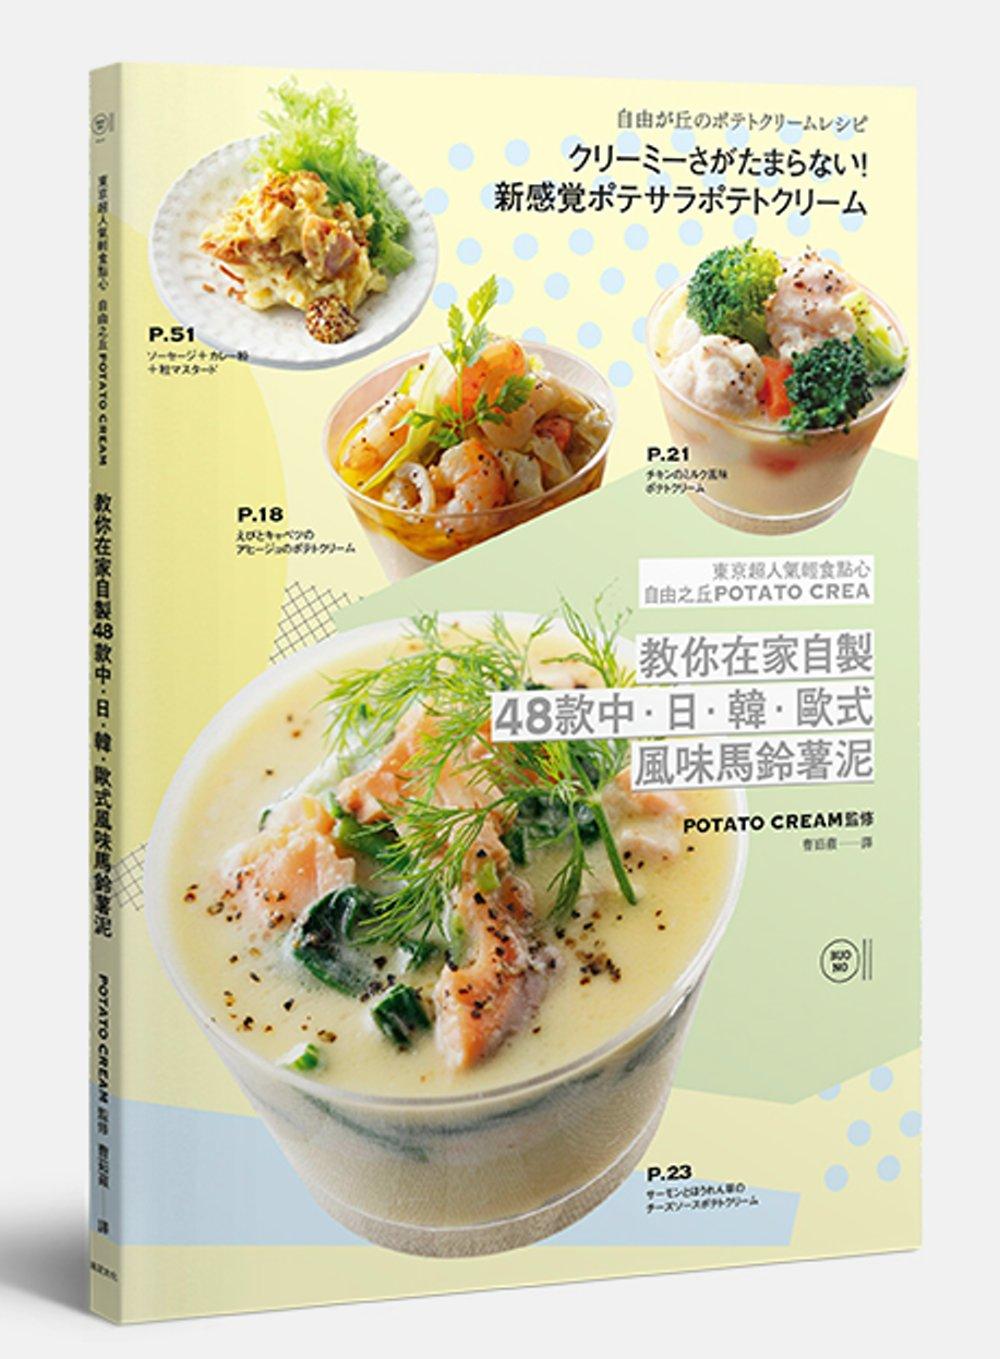 教你在家自製 48款中‧日‧韓‧歐式風味馬鈴薯泥:東京超人氣輕食點心 自由之丘POTATO CREAM